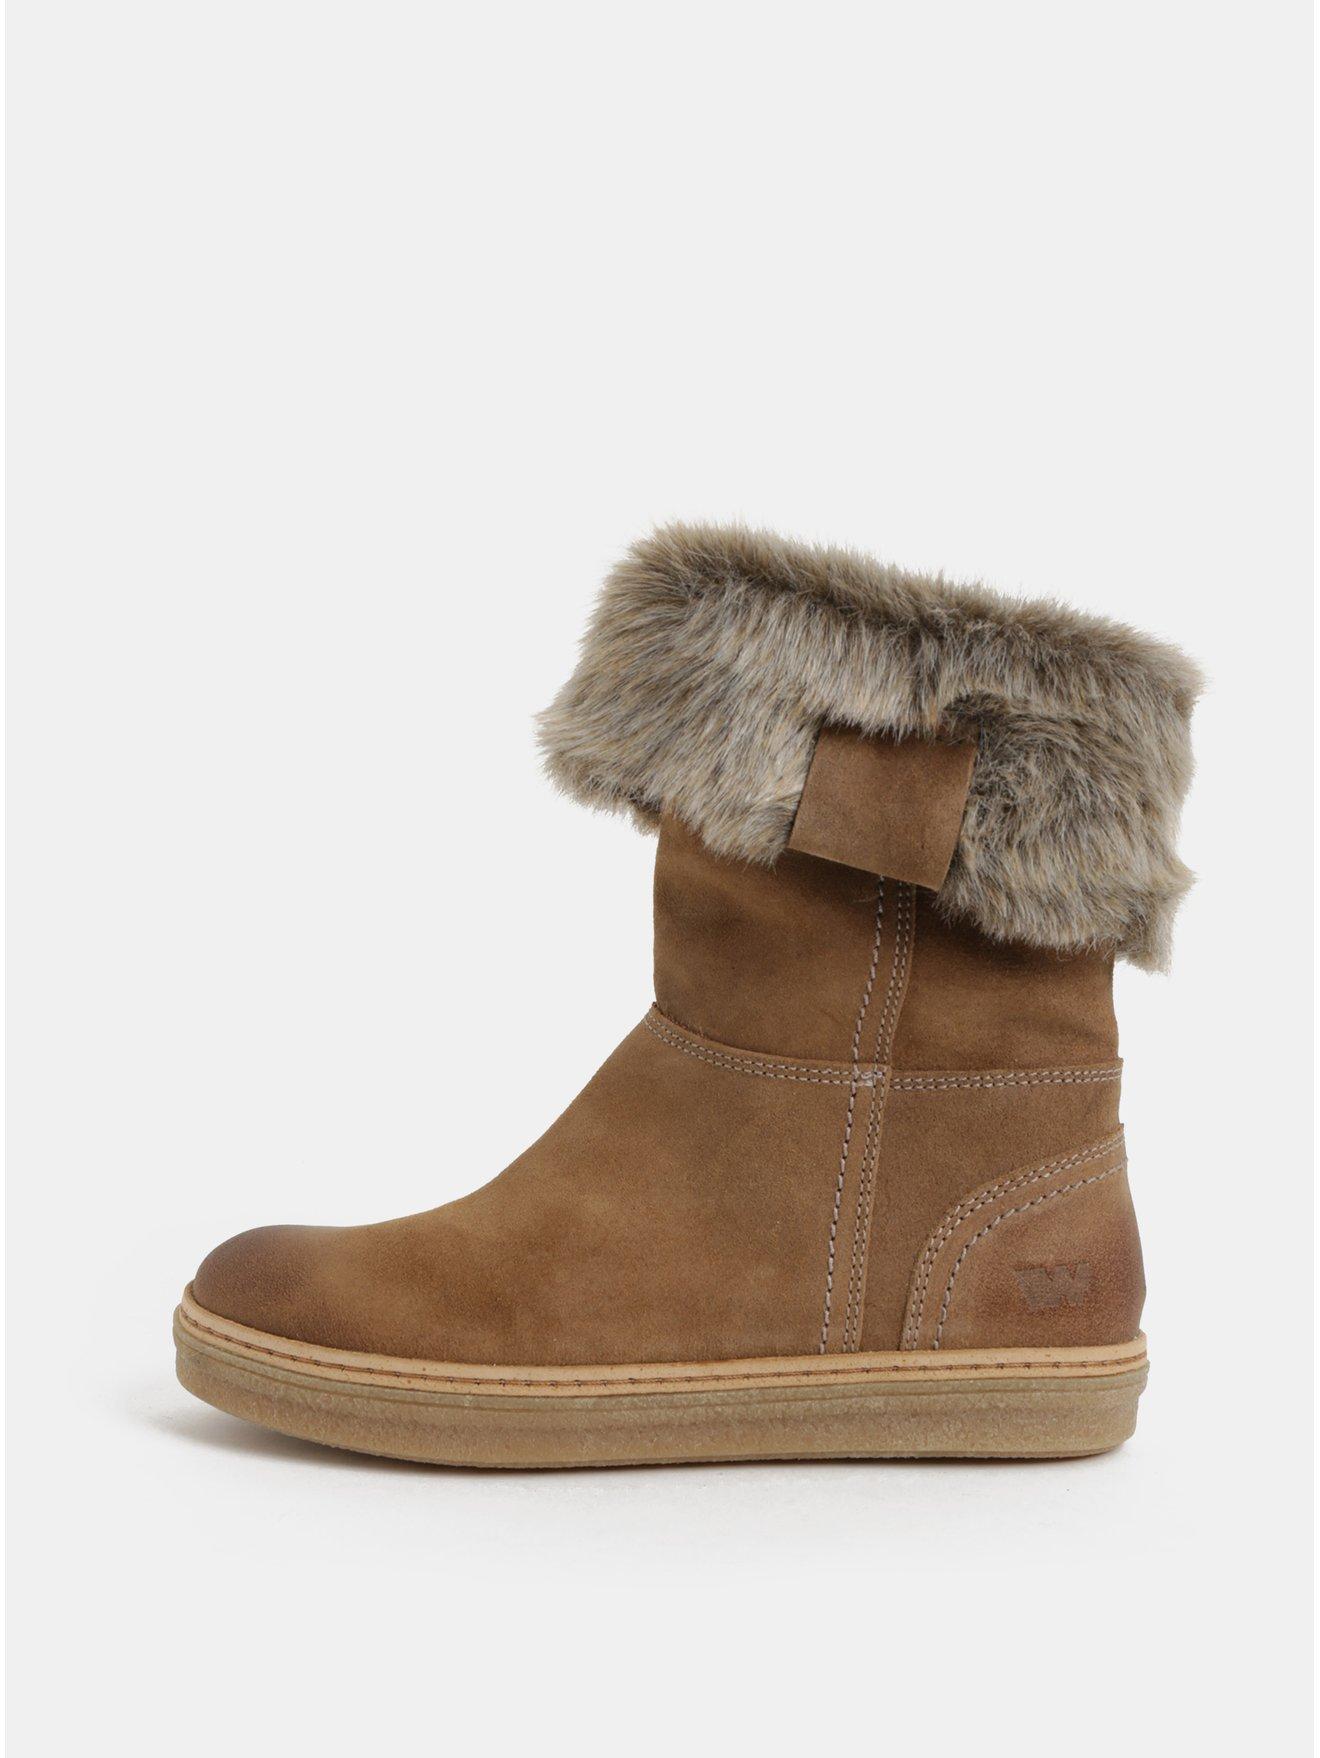 Světle hnědé dámské semišové kotníkové zimní boty s umělým kožíškem  Weinbrenner d7f912087f